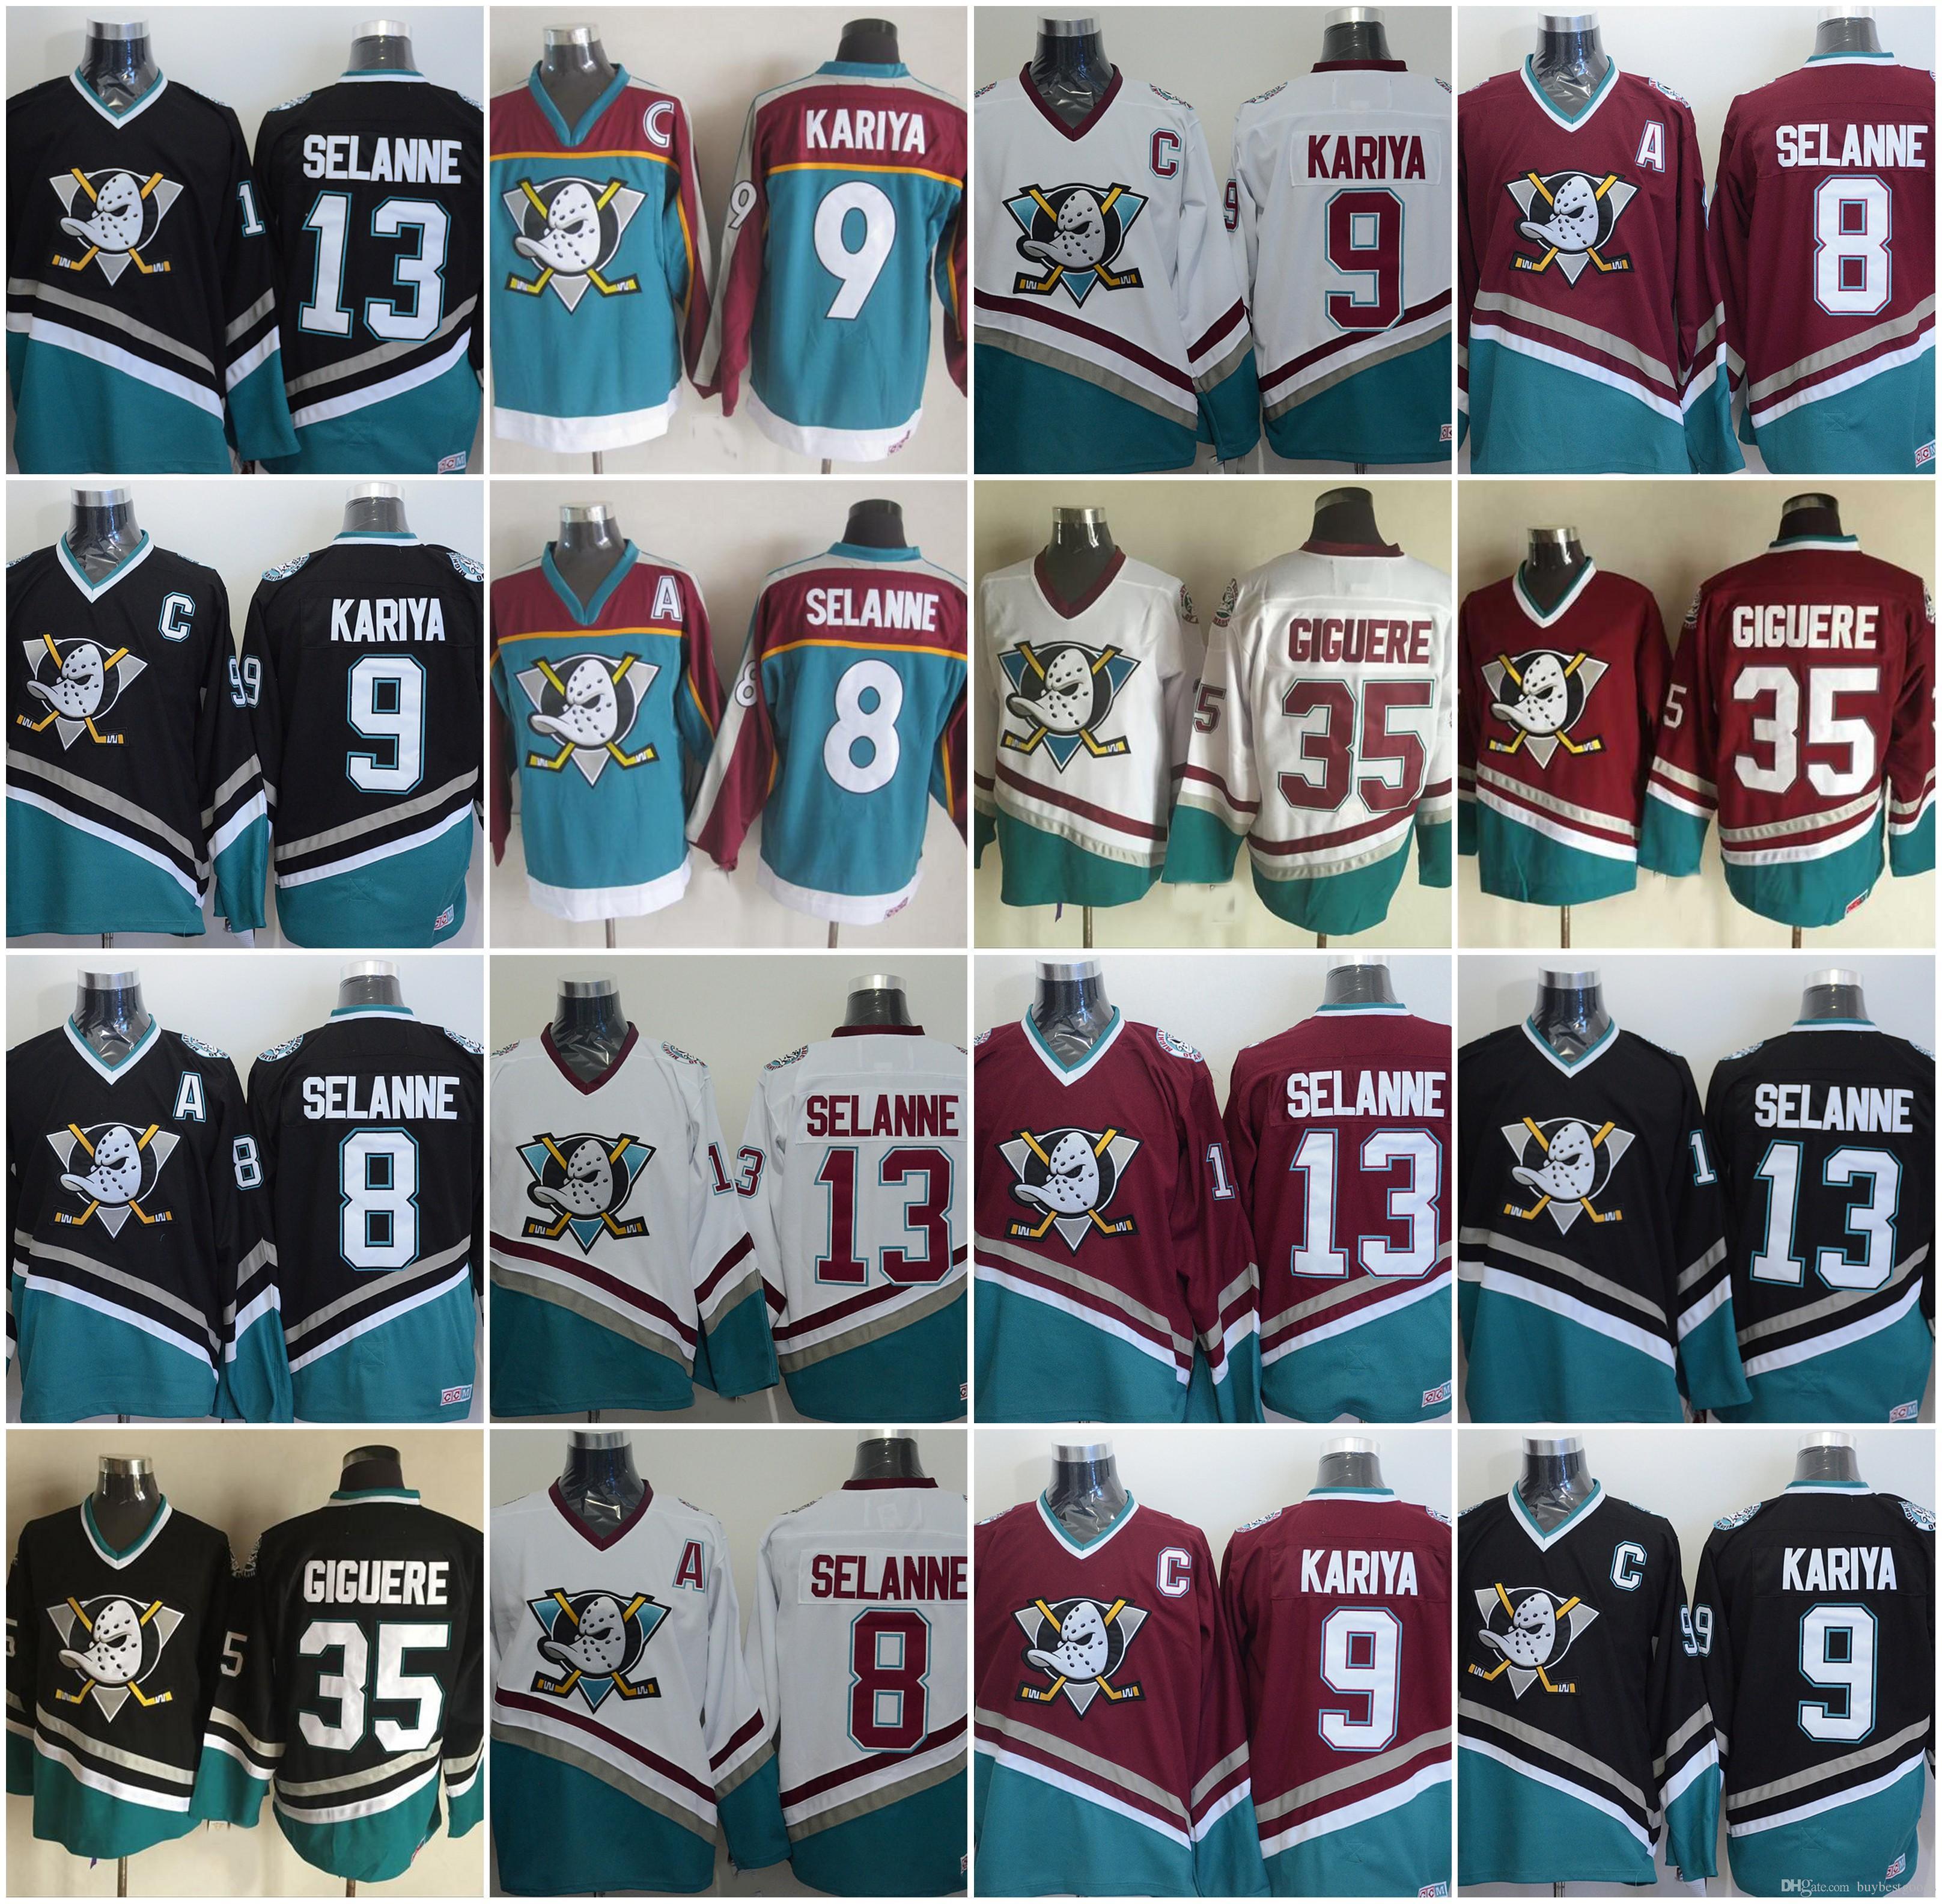 5098bf109 CCM Anaheim Mighty Ducks Hockey 8 Teemu Selanne 9 Paul Kariya 35 Jean  Sebastien Giguere 13 Teemu Selanne 1998 Vintage Jerseys UK 2019 From  Buybestgoods